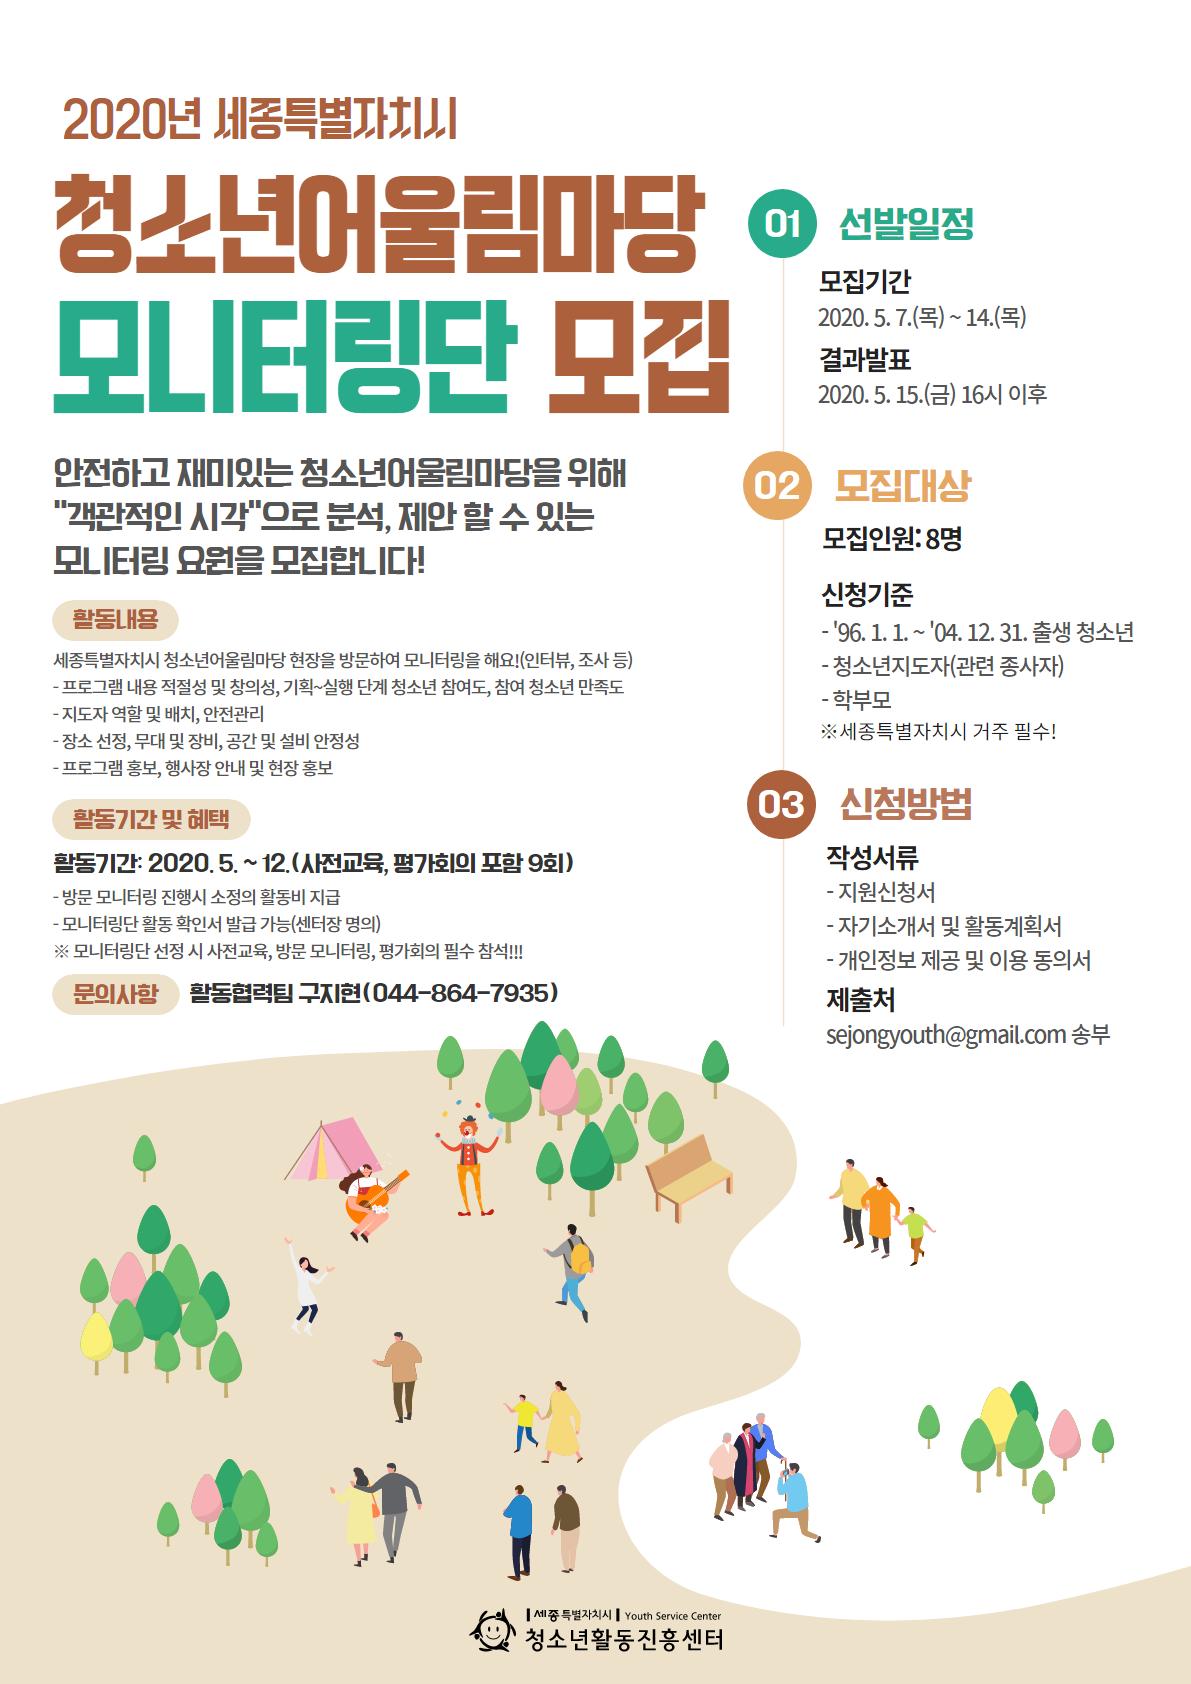 20-05-12 수신154. [붙임2] 청소년어울림마당 모니터링단 모집 포스터.png